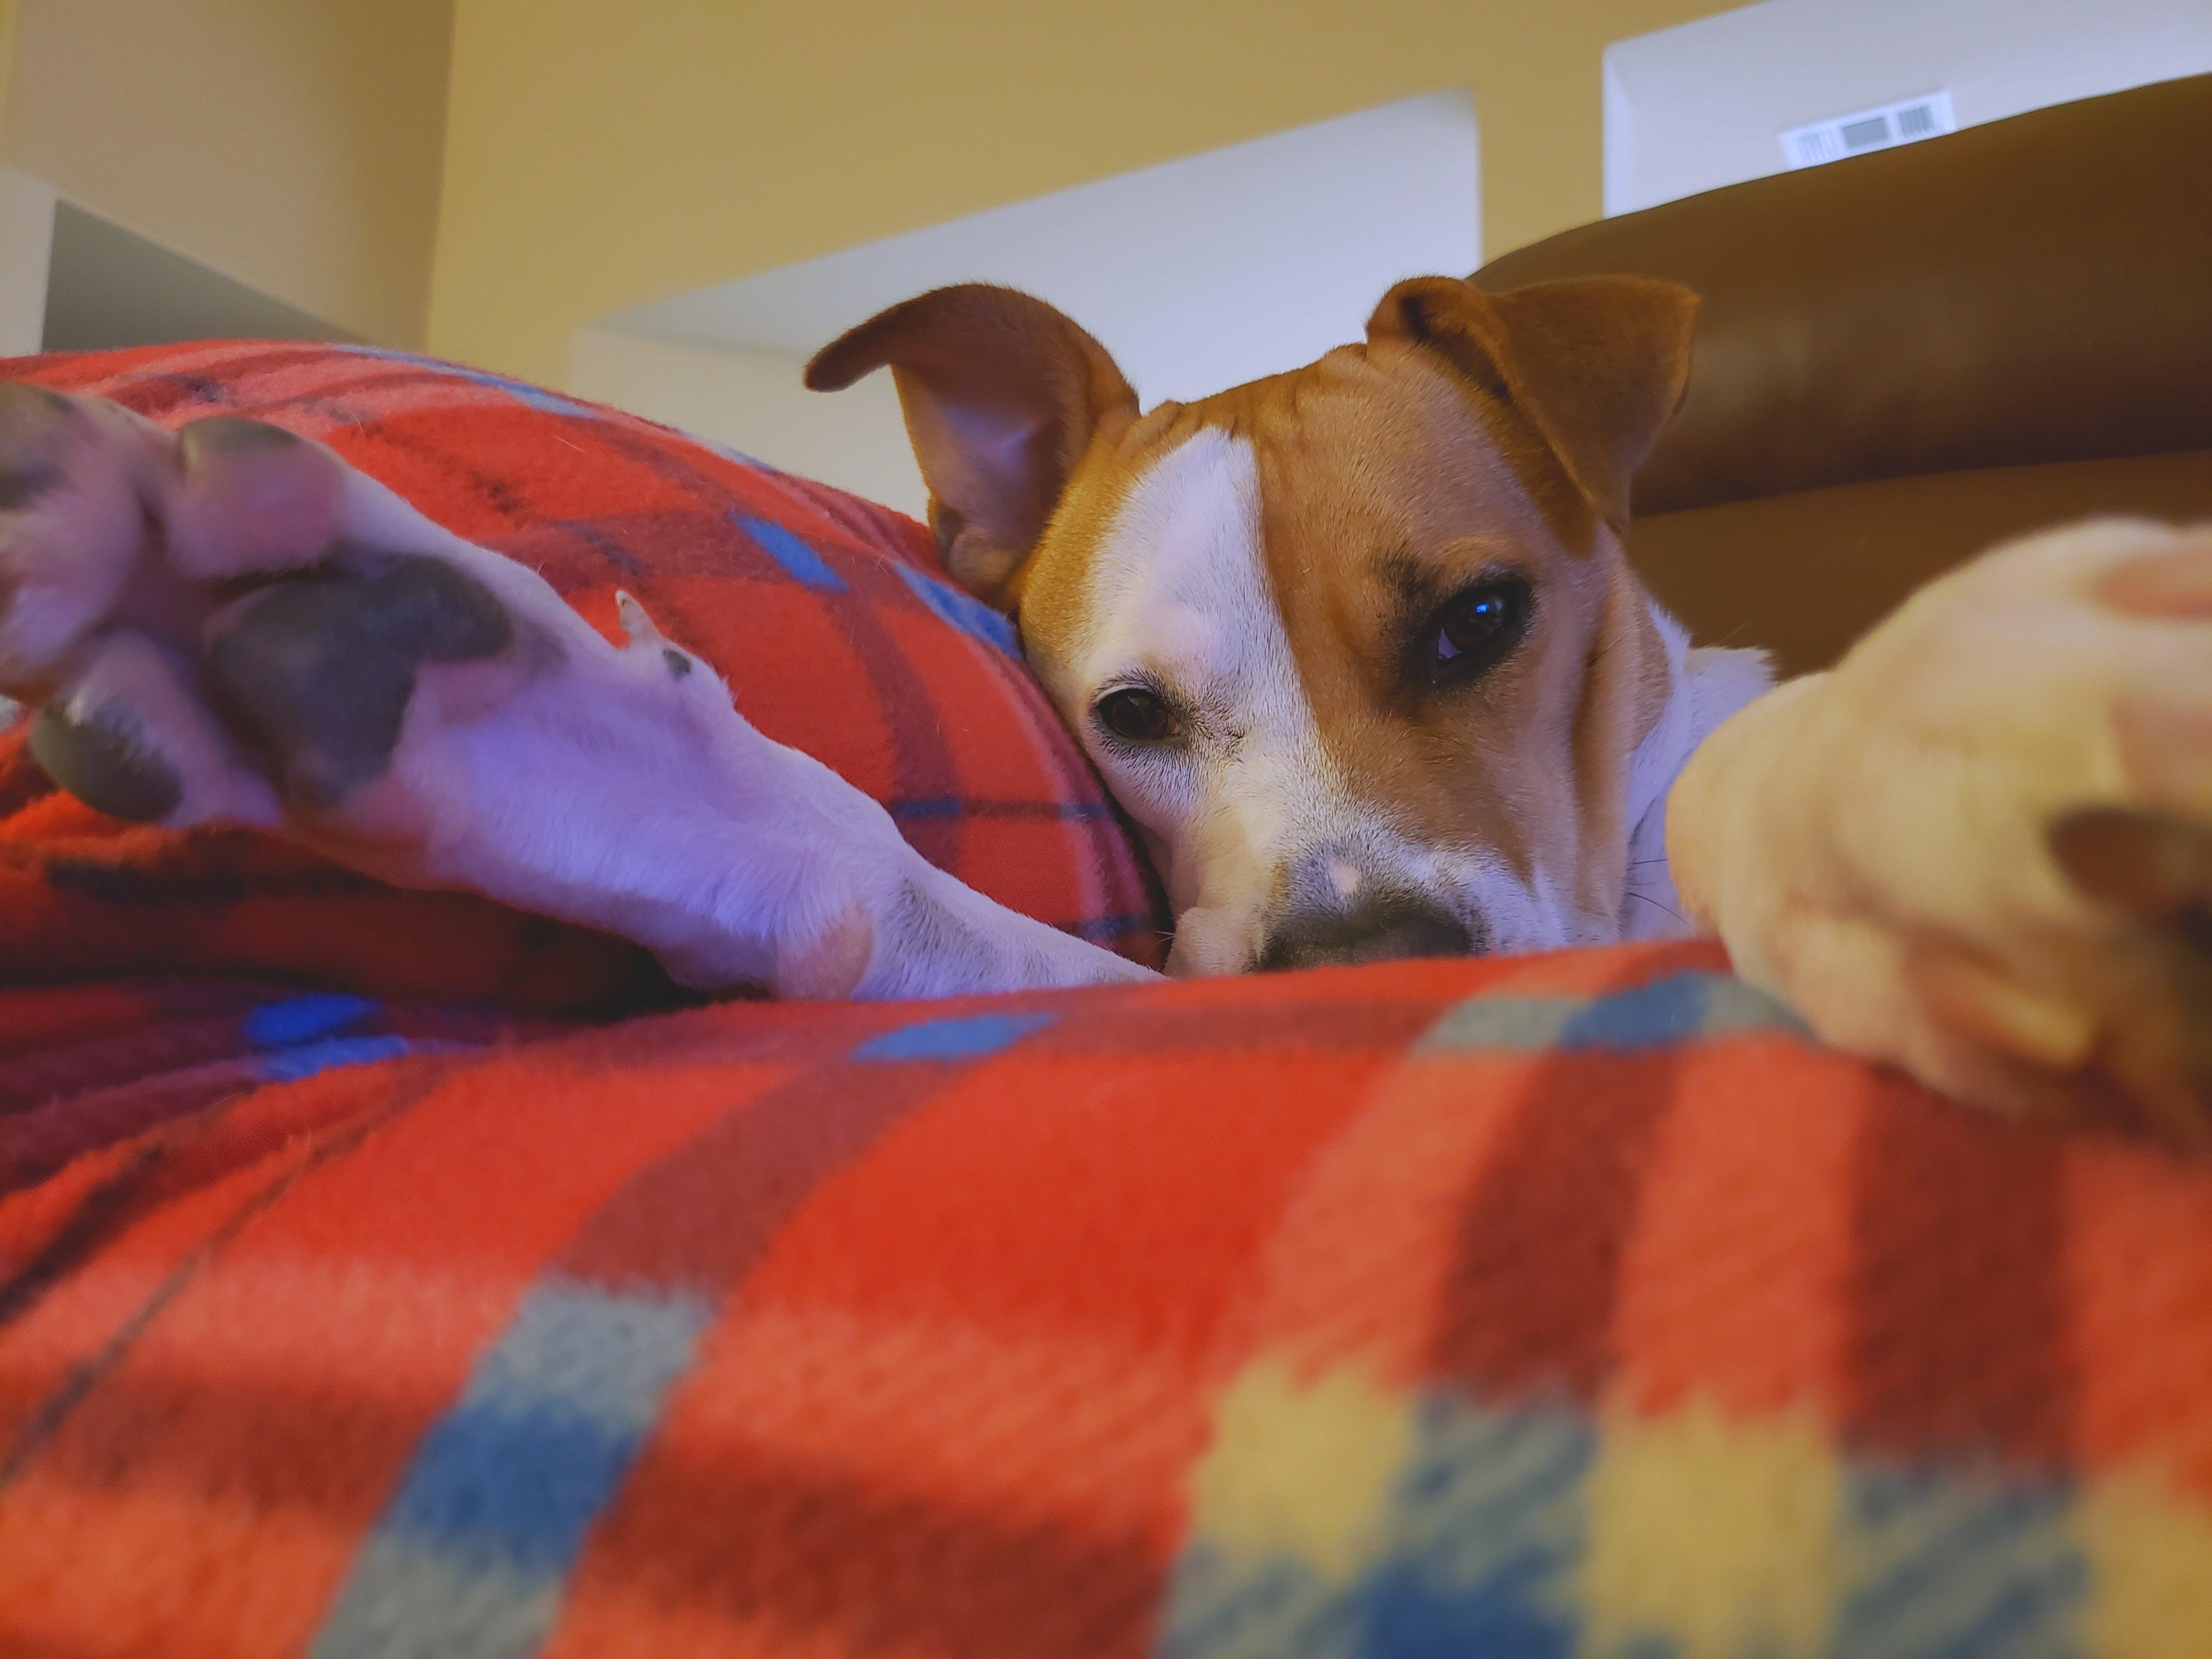 Kostenloses Stock Foto zu gemütlich, hund, sleepy dog, tier